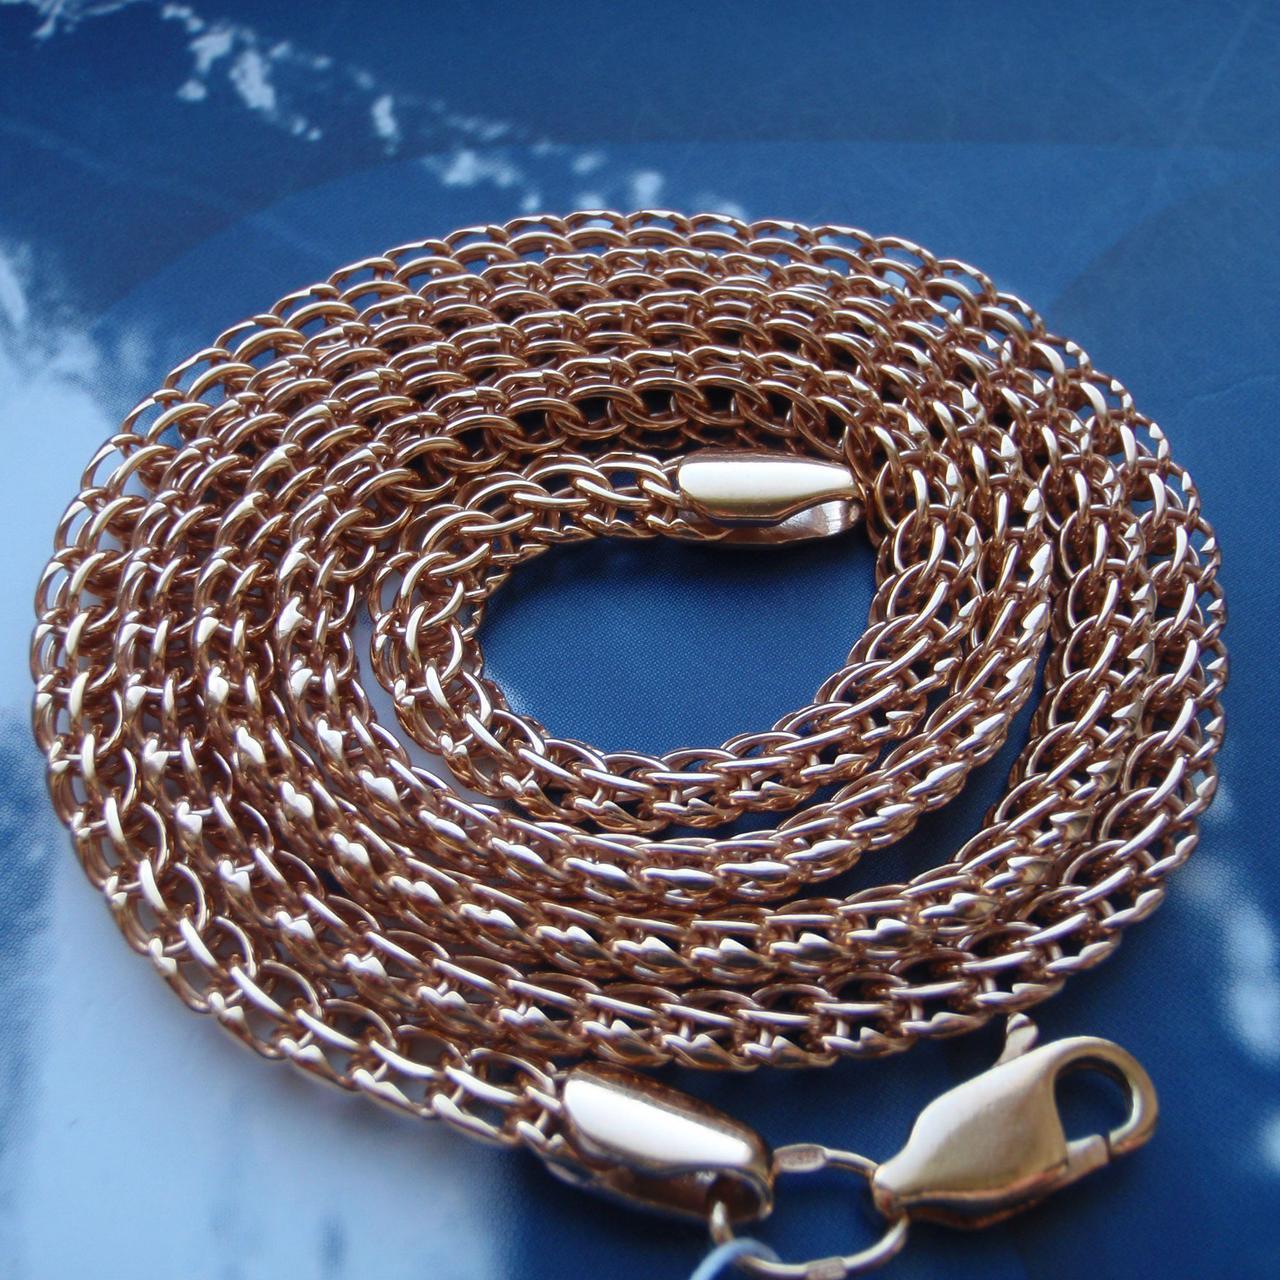 Серебряная позолоченная цепочка, 550мм, 25 грамм, плетение Питон